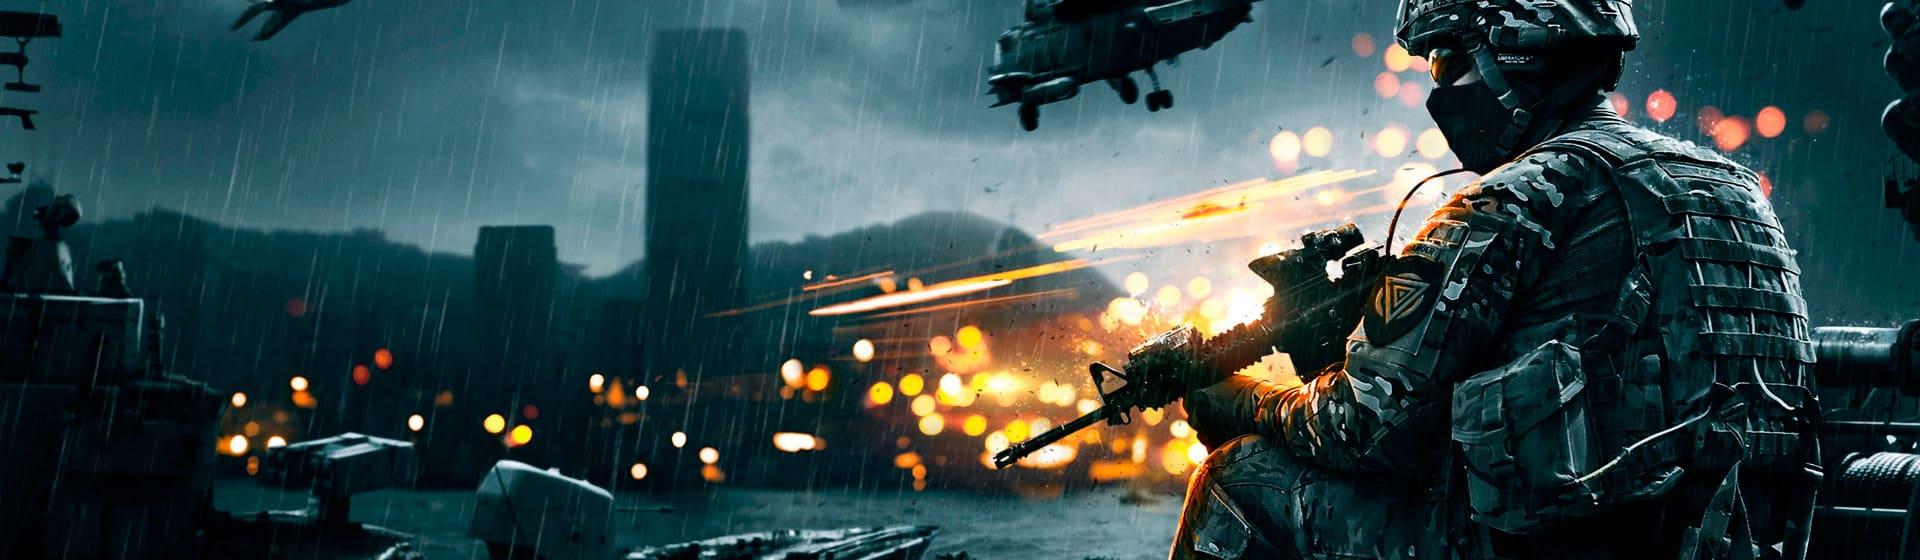 Battlefield - Мерч и одежда с атрибутикой